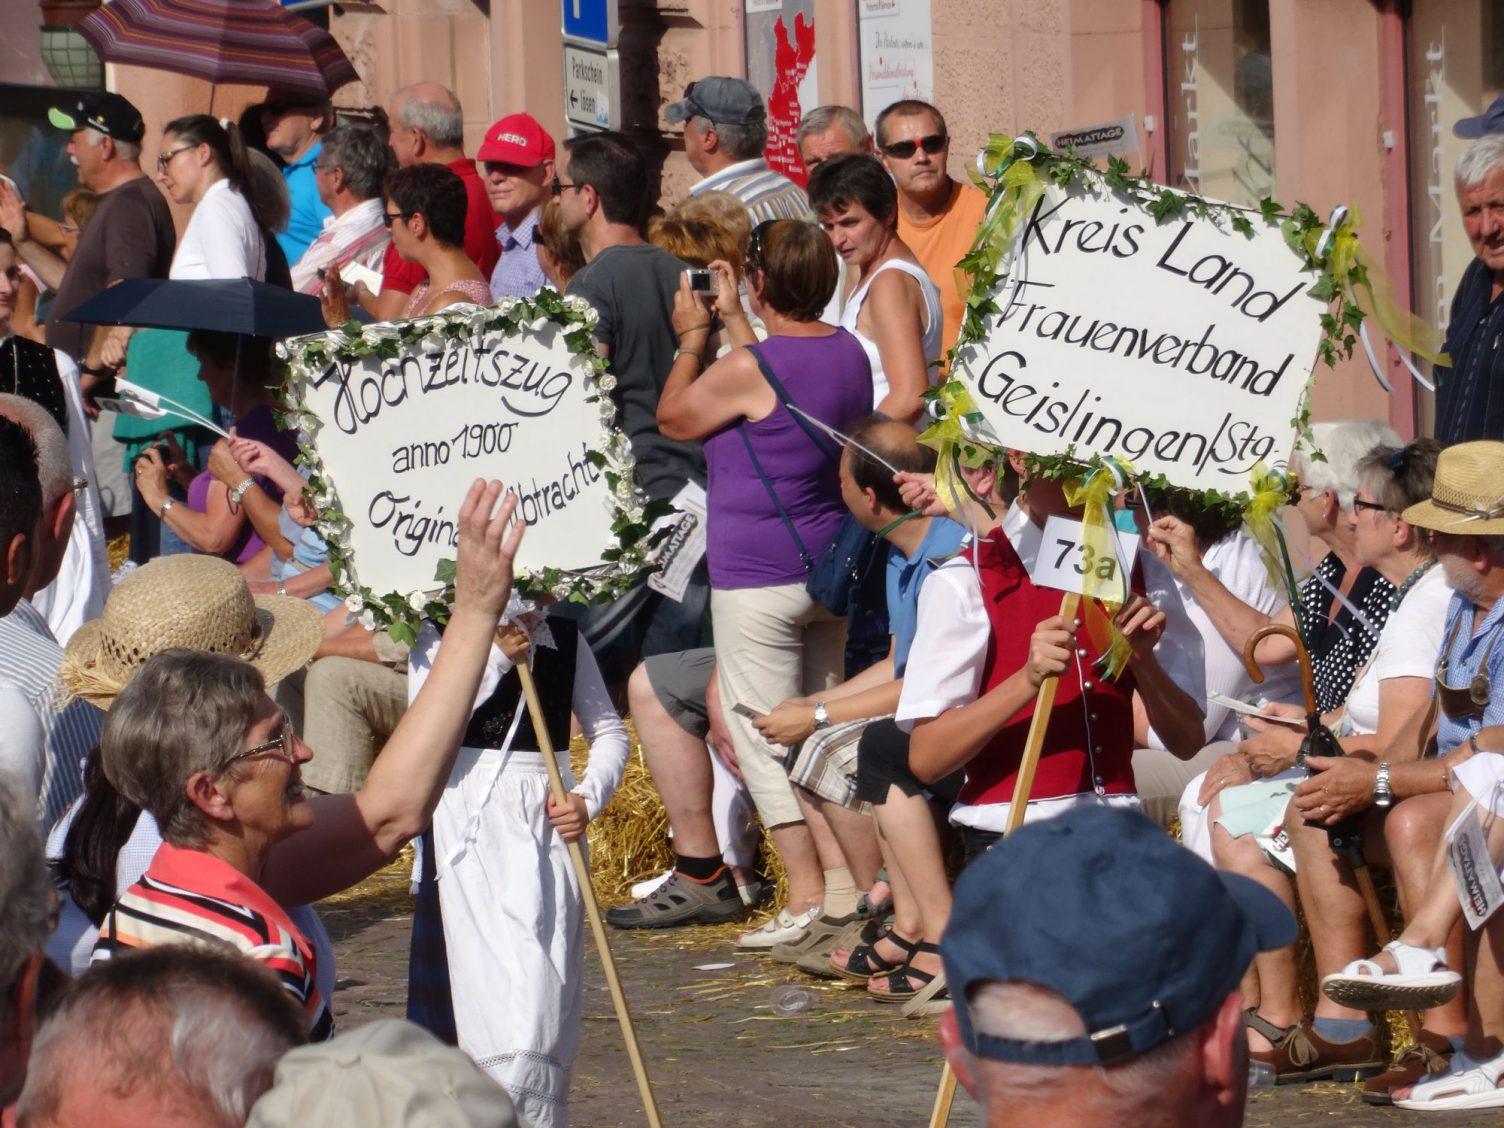 Tafelträger des KreisLandFrauenverbands Geislingen